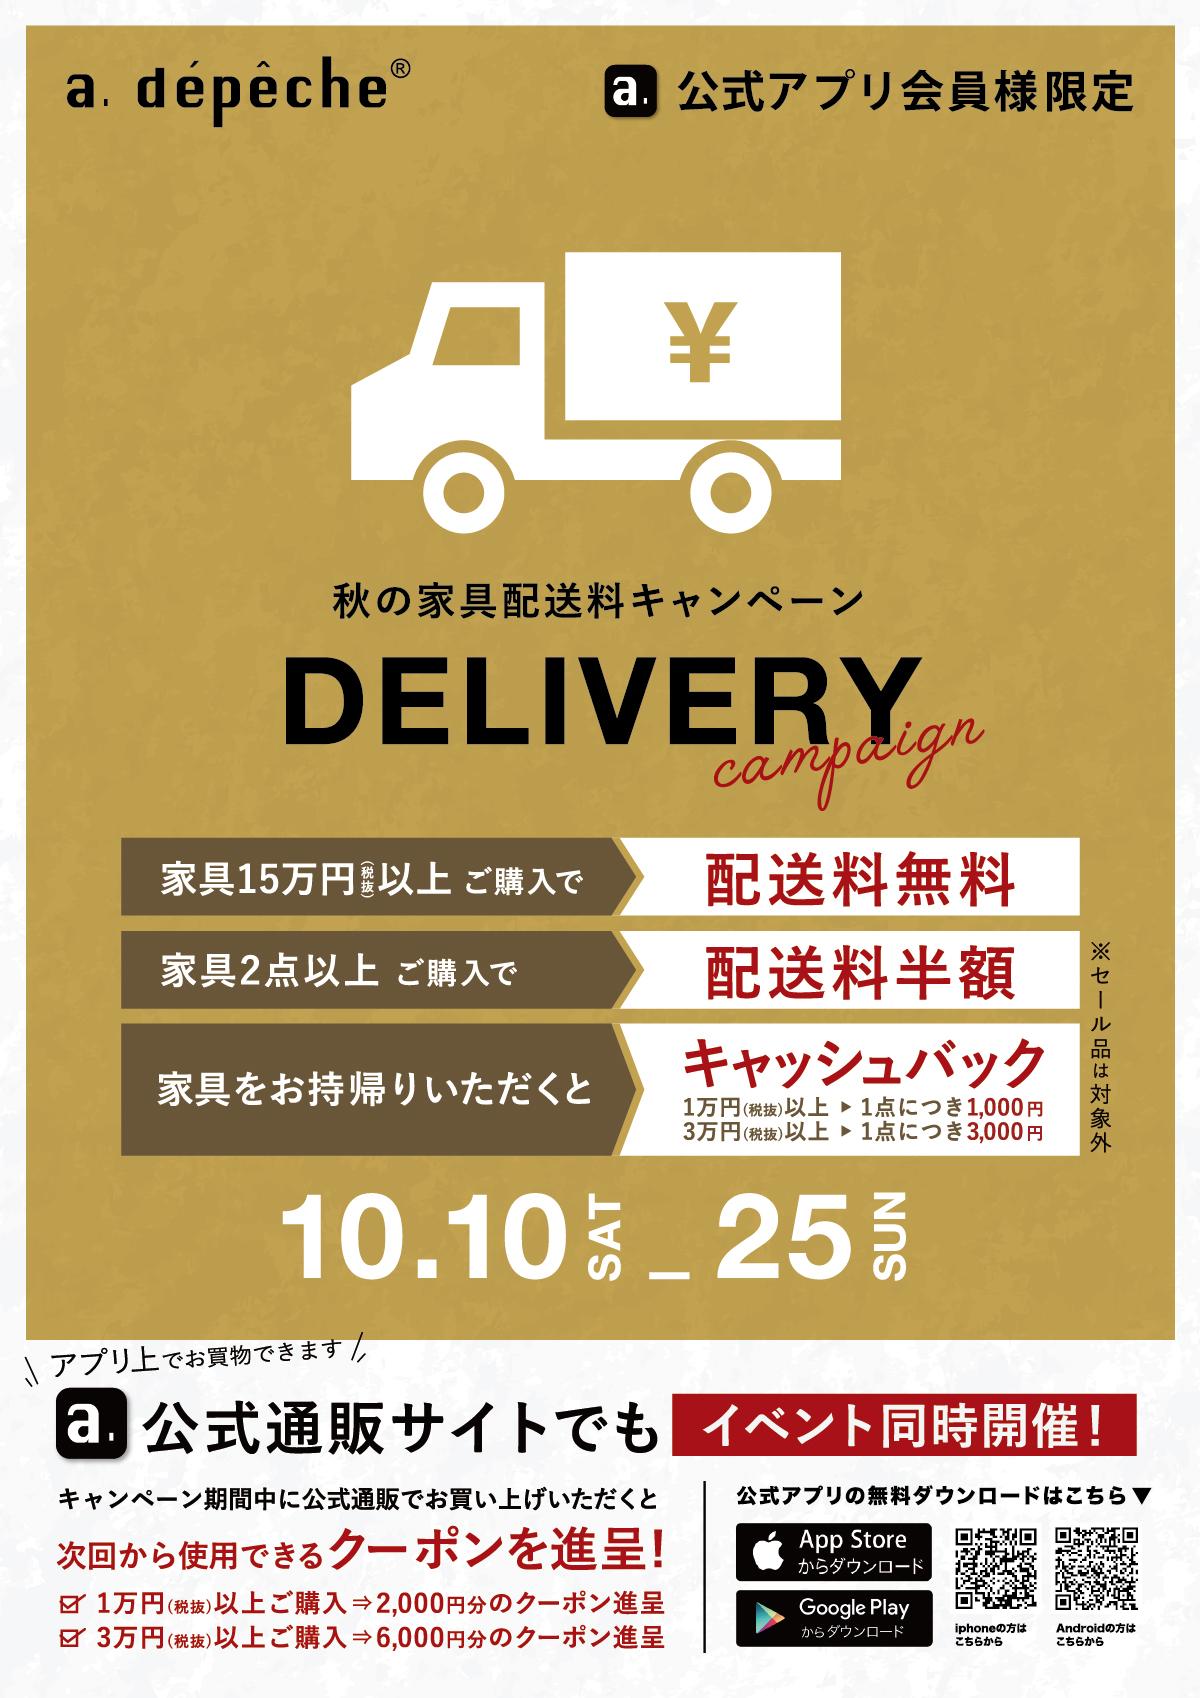 秋の家具配送料キャンペーン開催!